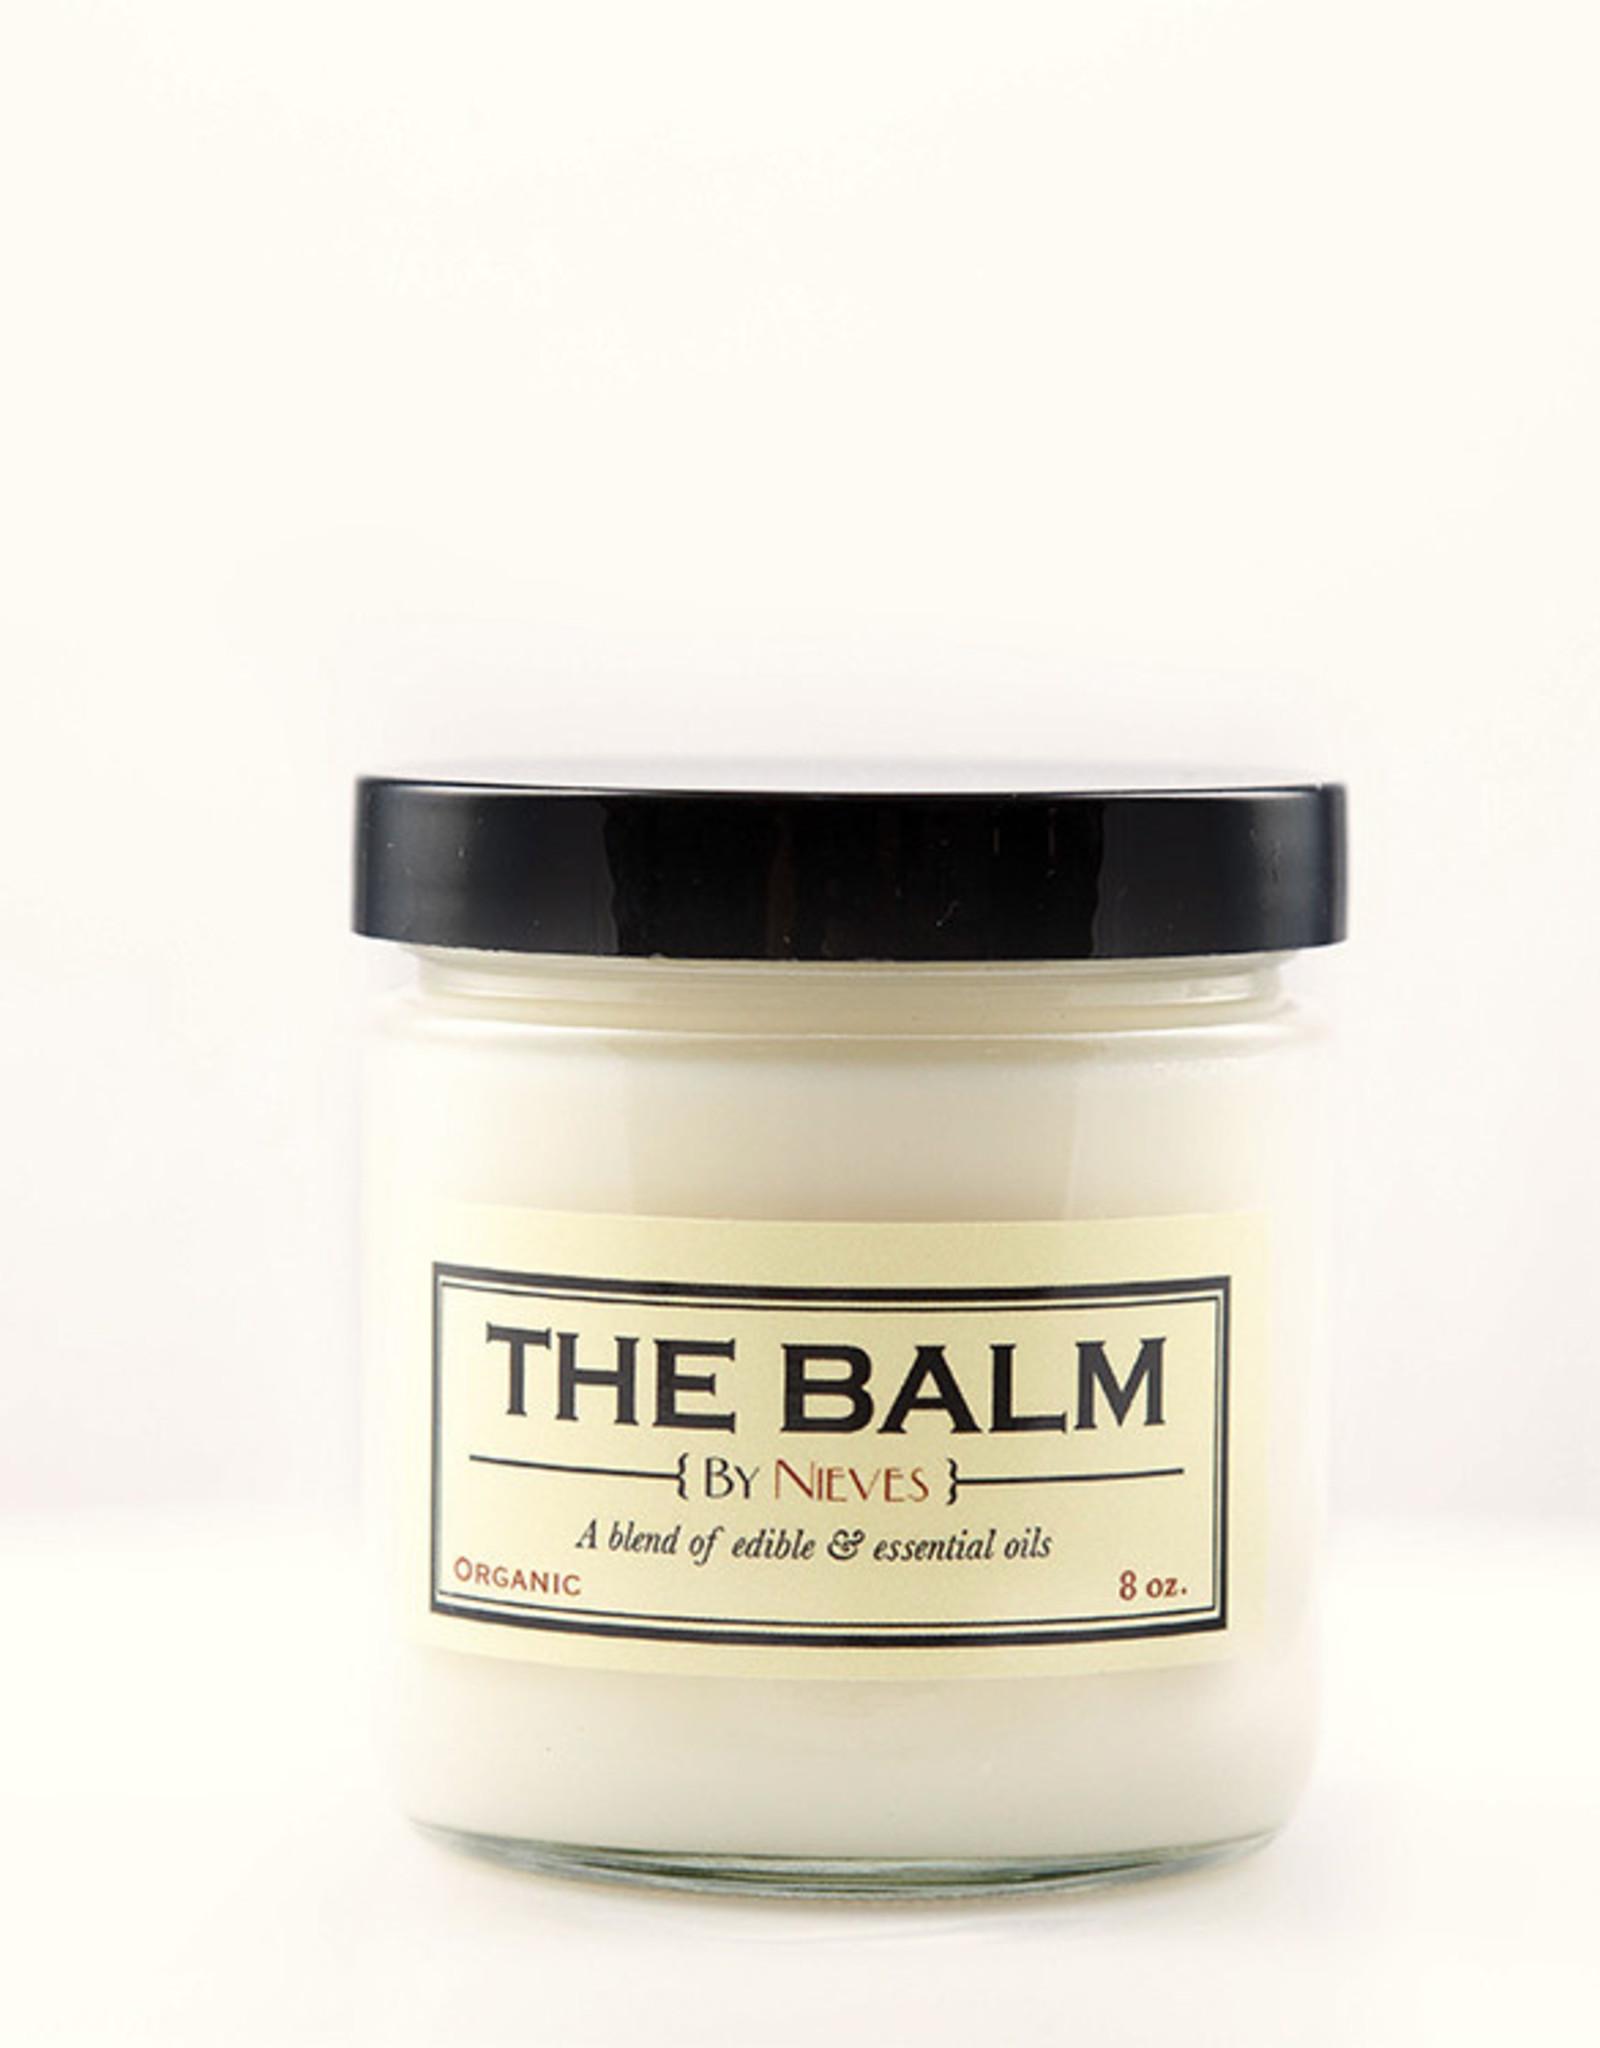 The Balm 8 oz